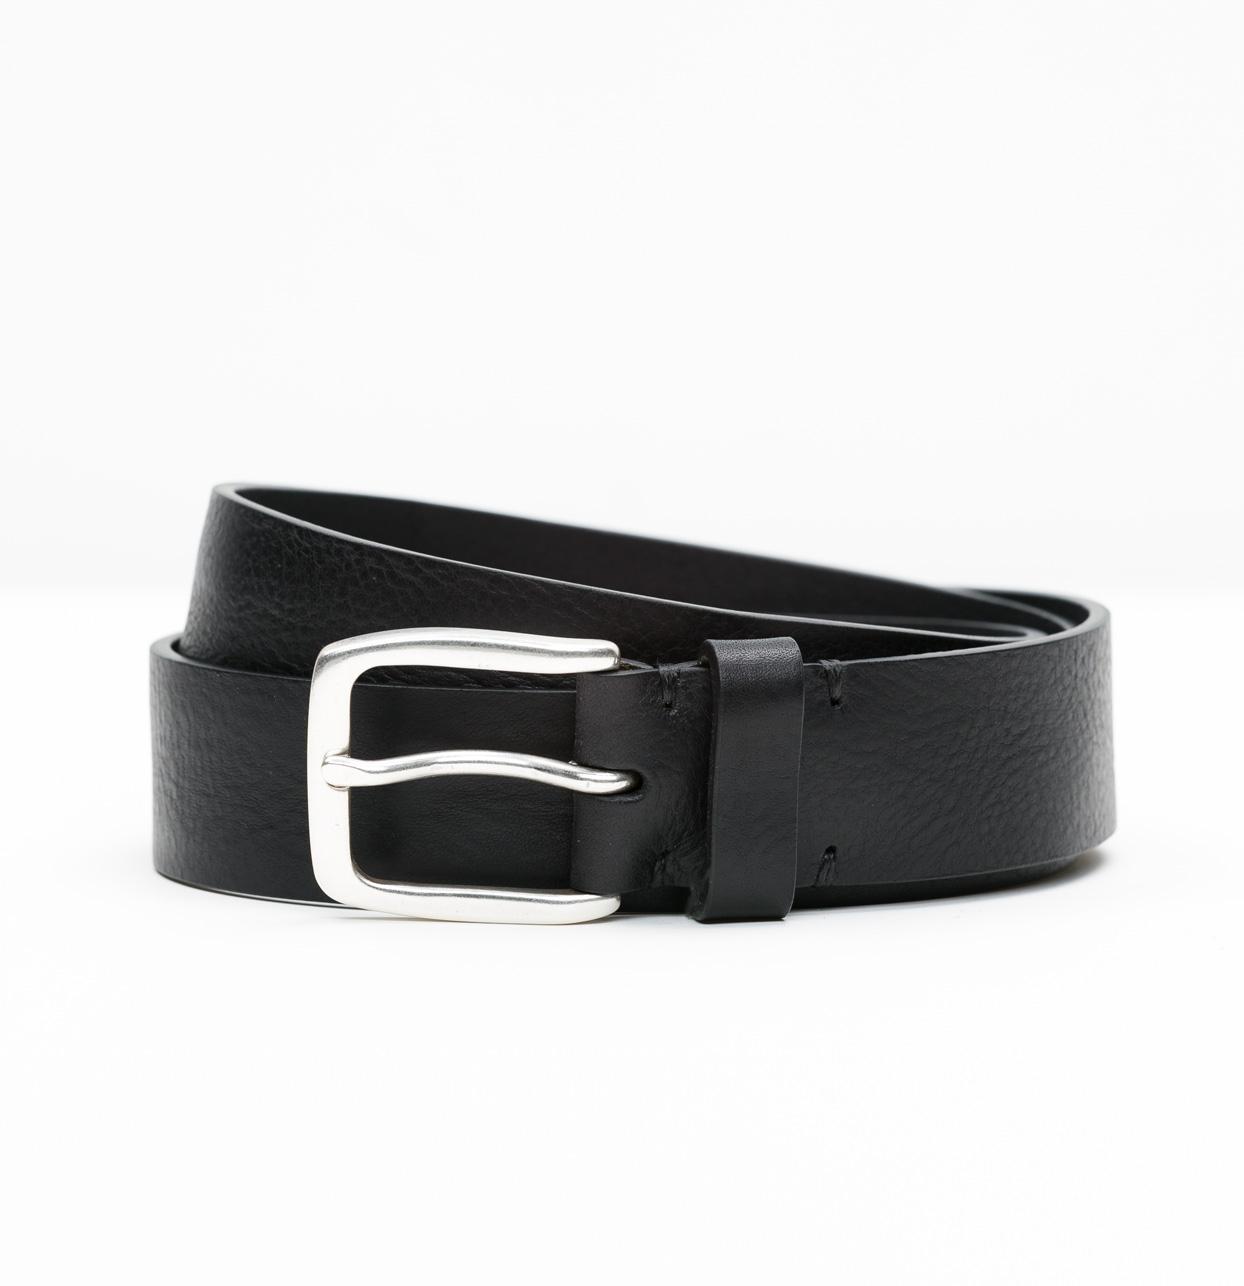 Cinturón Sport piel lisa color negro, 100% piel